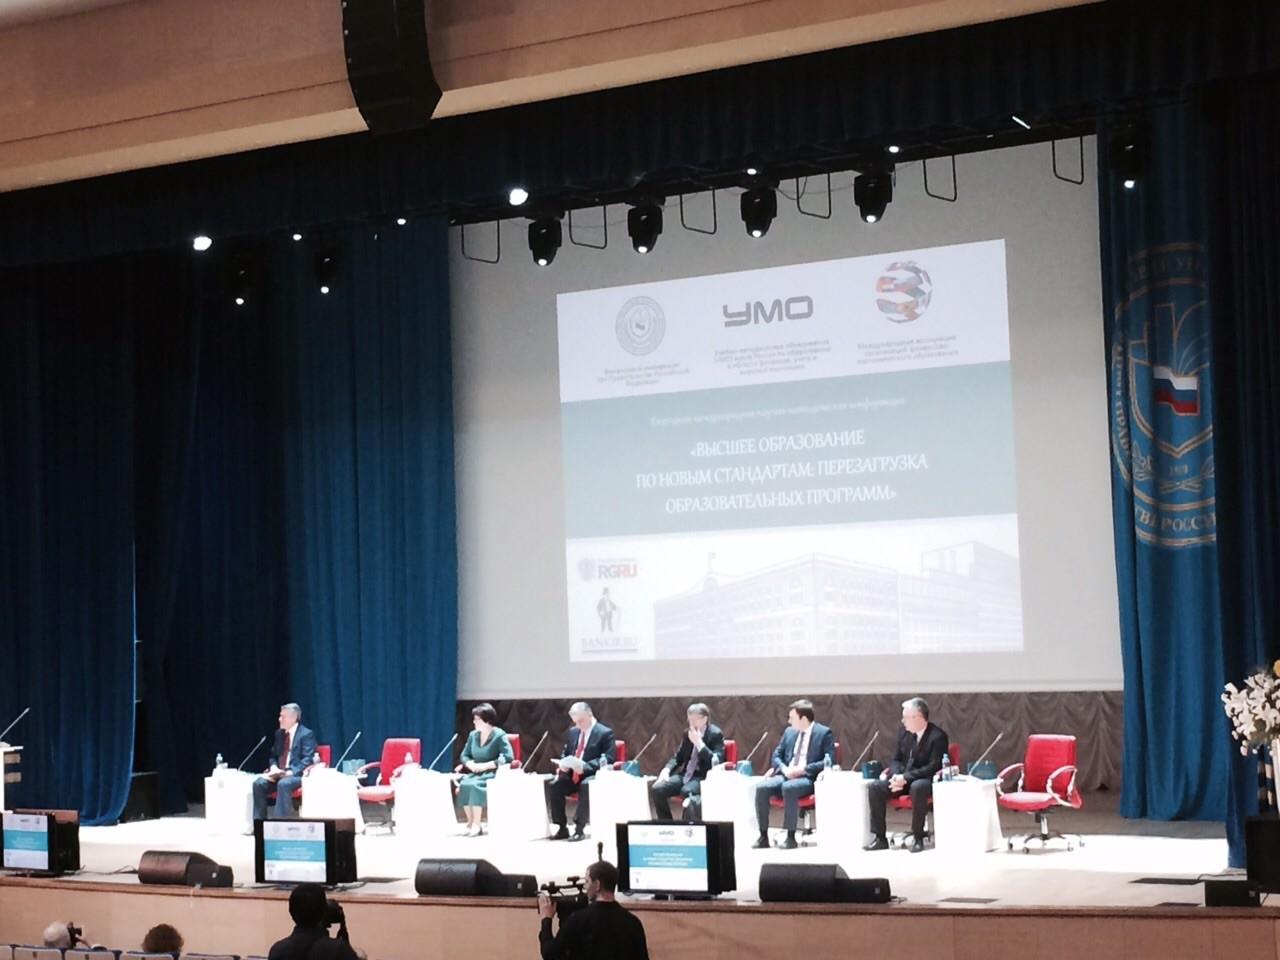 Международная научно-методическая конференция 'Высшее образование по новым стандартам: перезагрузка образовательных программ'